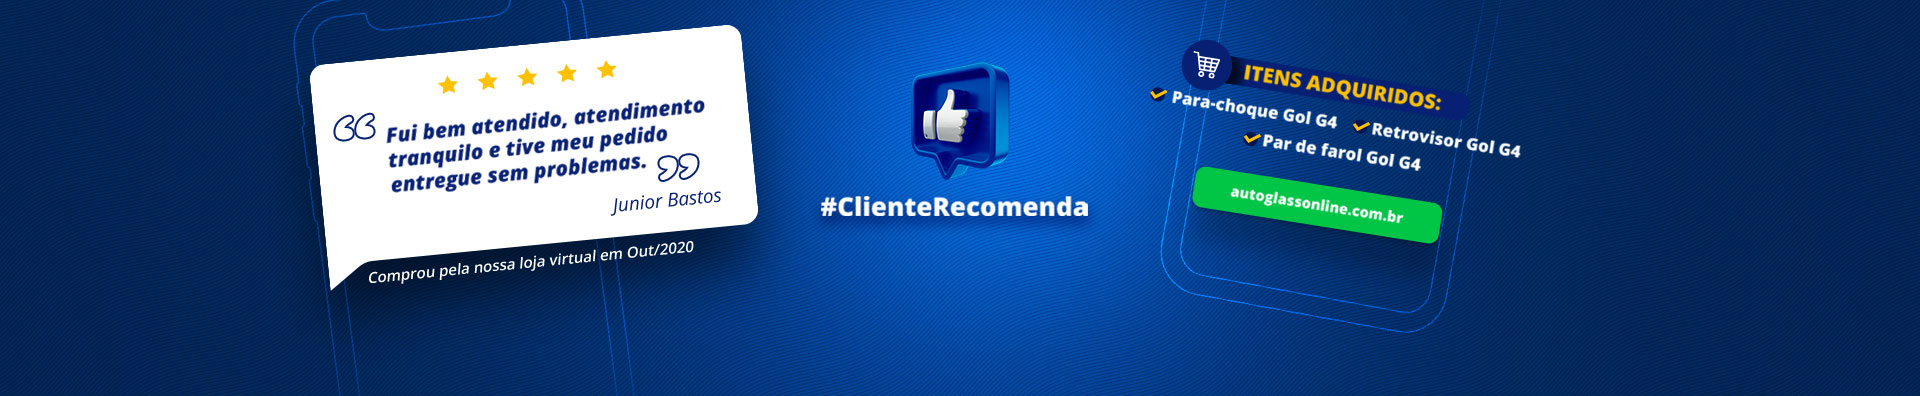 Cliente recomenda